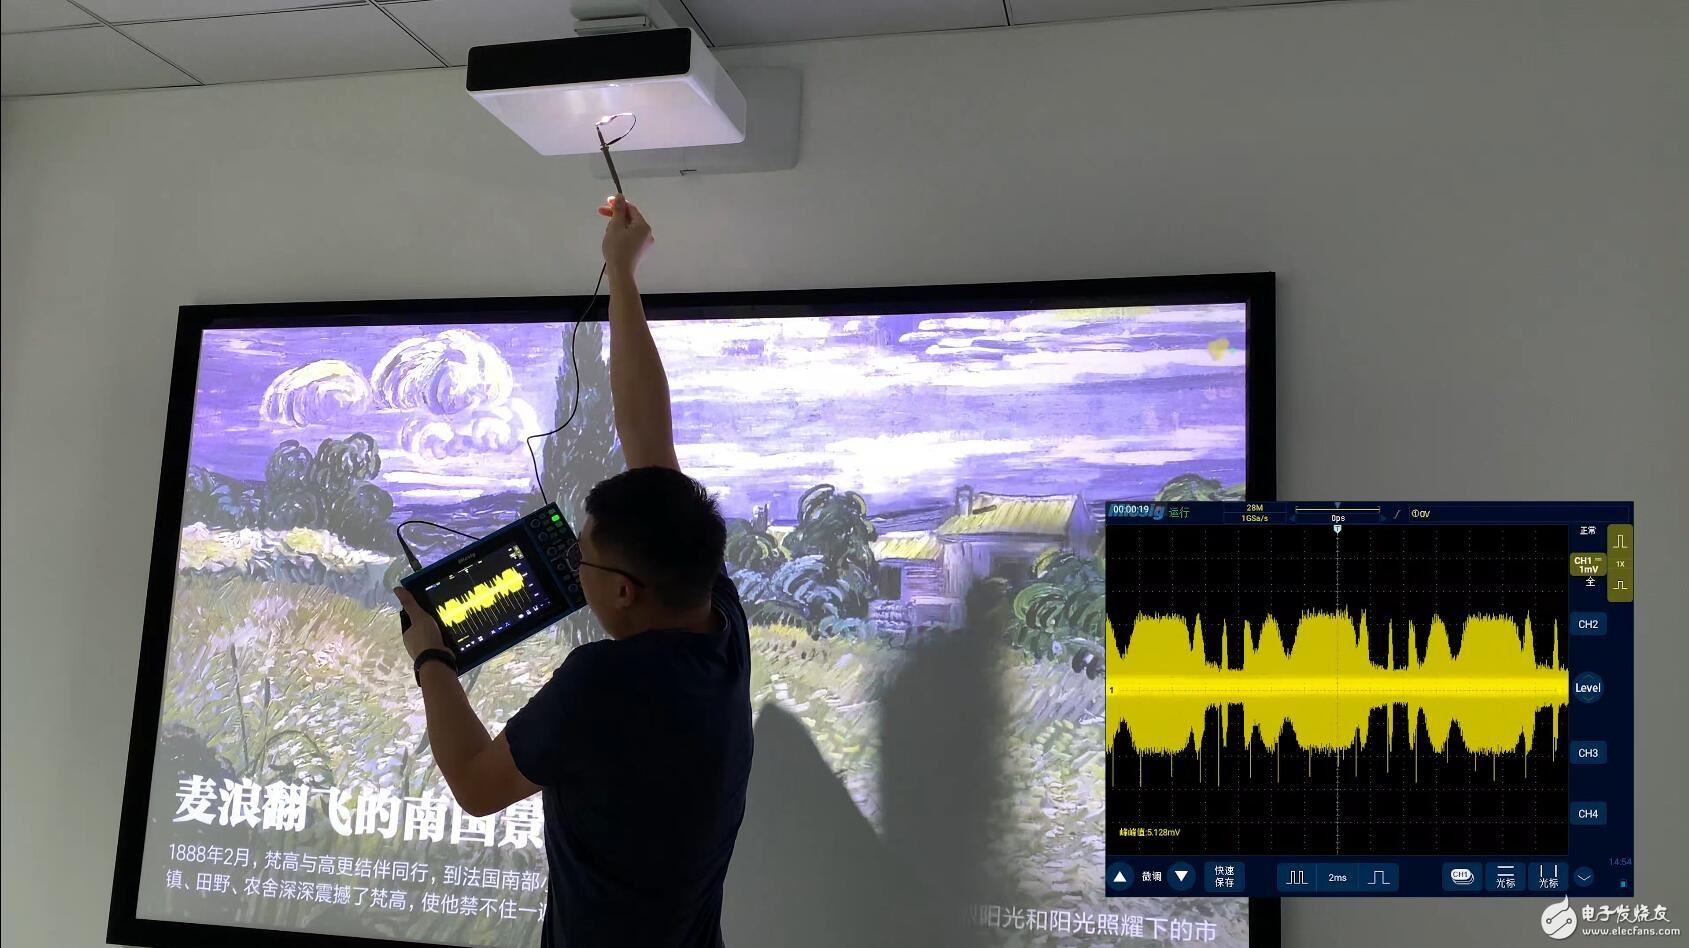 示波器和其環境周圍的噪聲及減小干擾設置方法